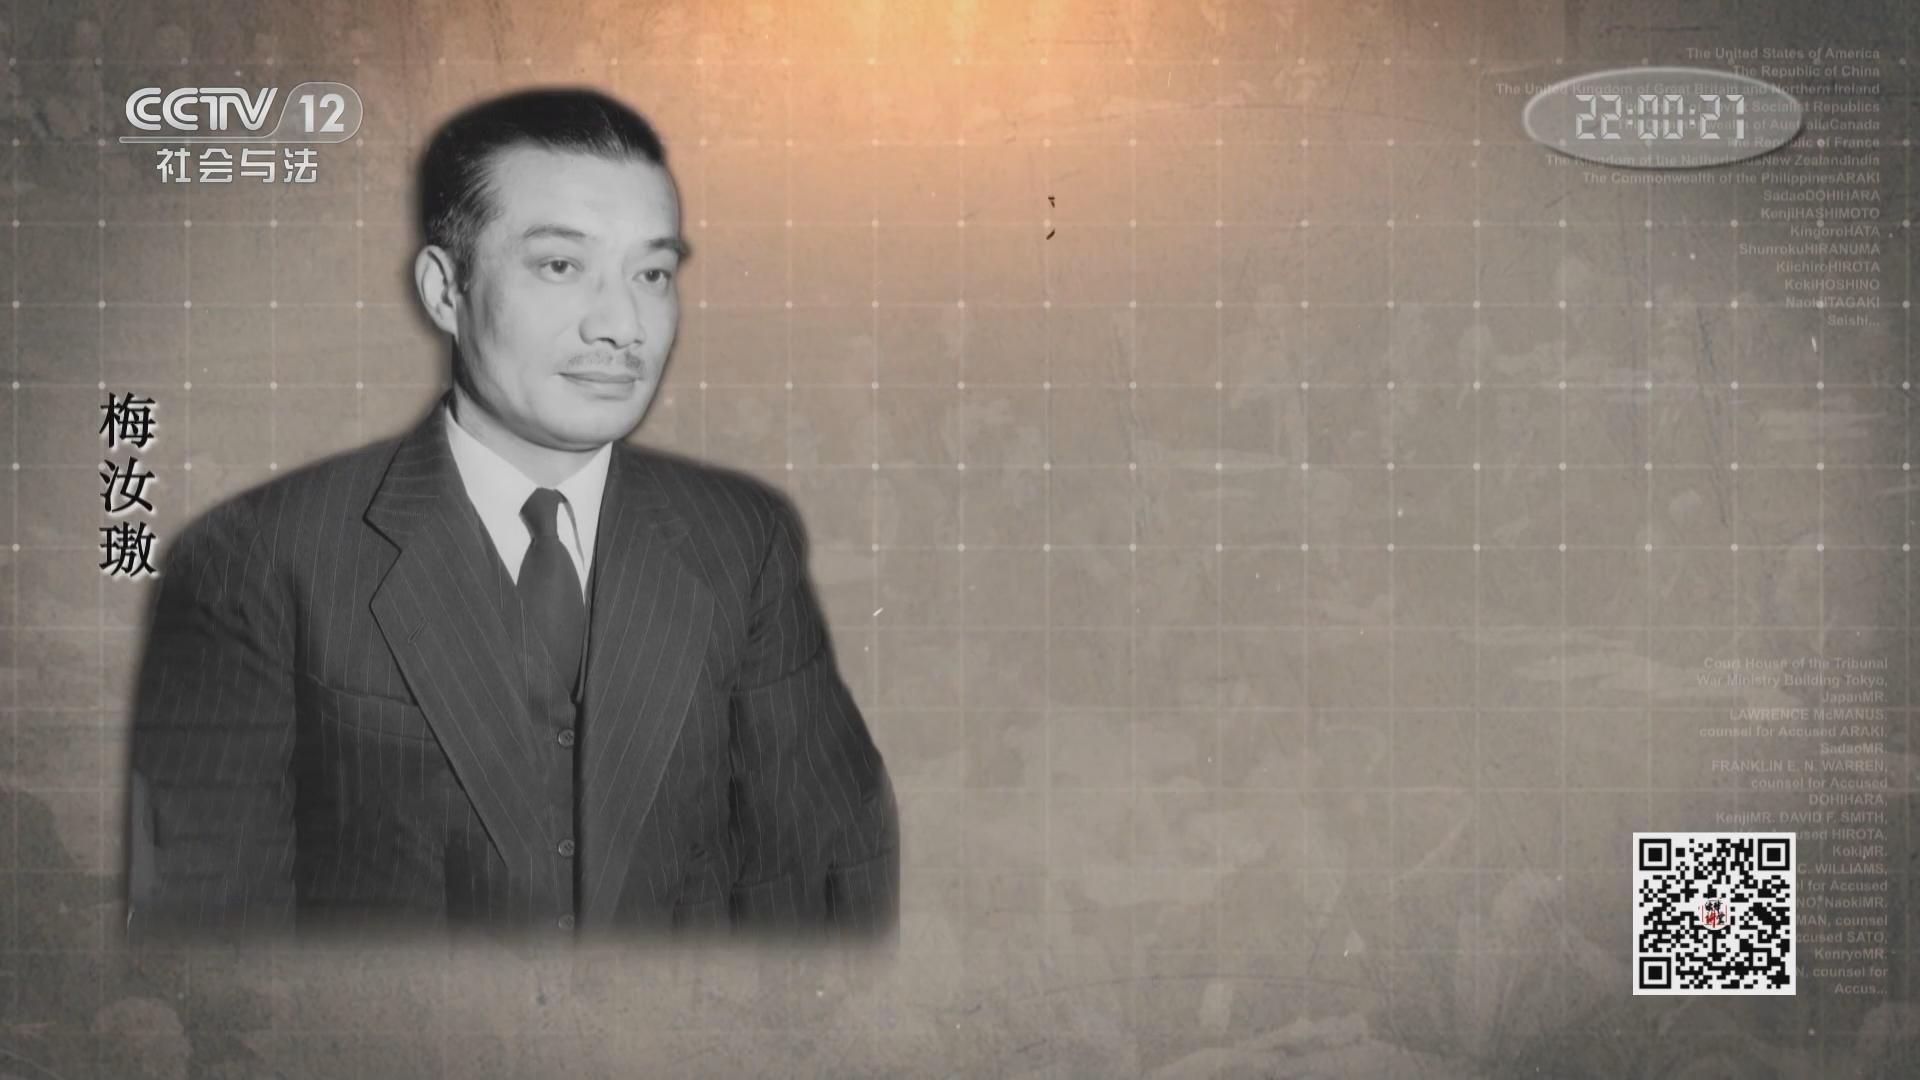 《法律讲堂(文史版)》 20210928 东京审判大揭秘(十七)严惩战犯